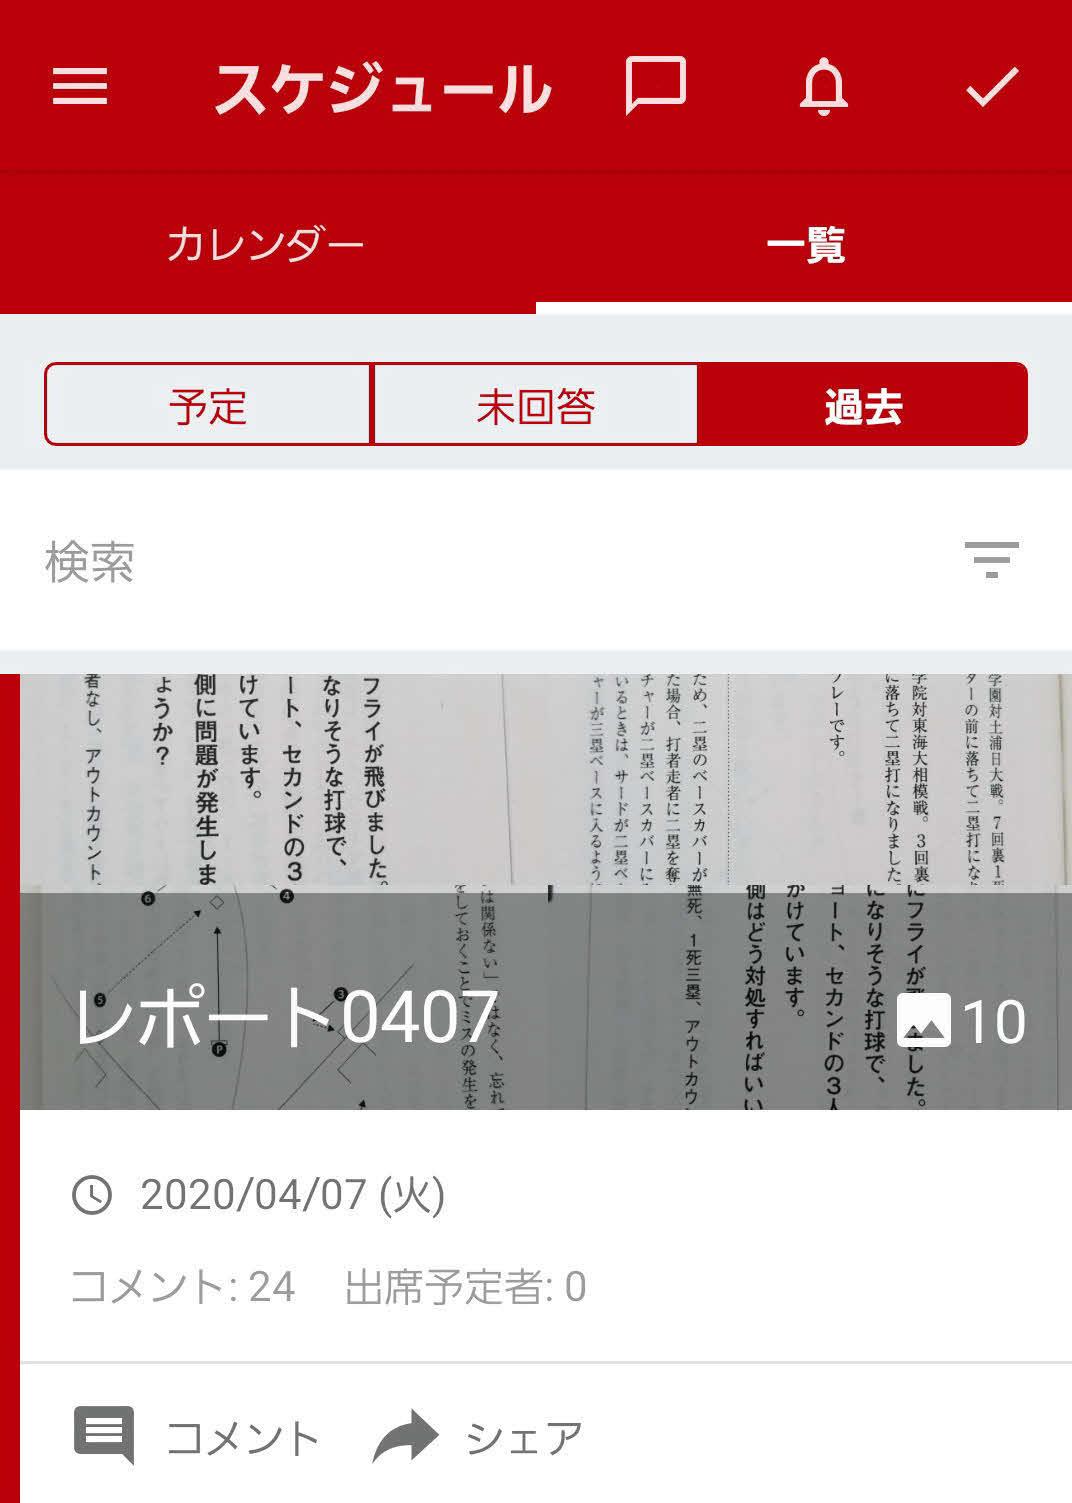 古豪弘前実が復権へ野球アプリ「PLAY」有効活用 - 高校野球写真 ...